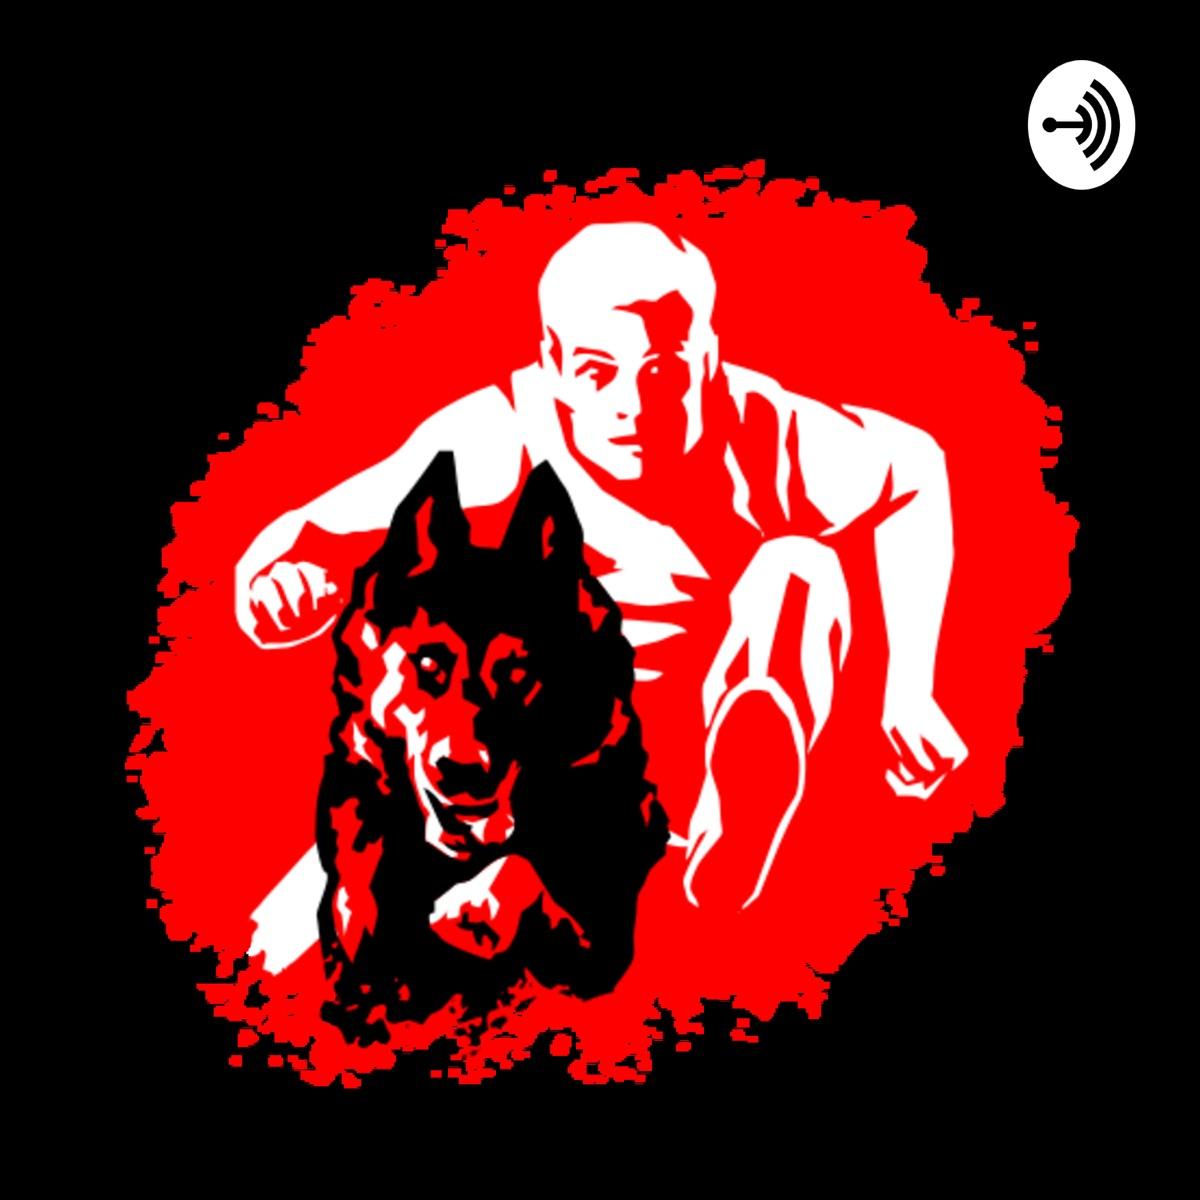 Kutyakemény Podcast